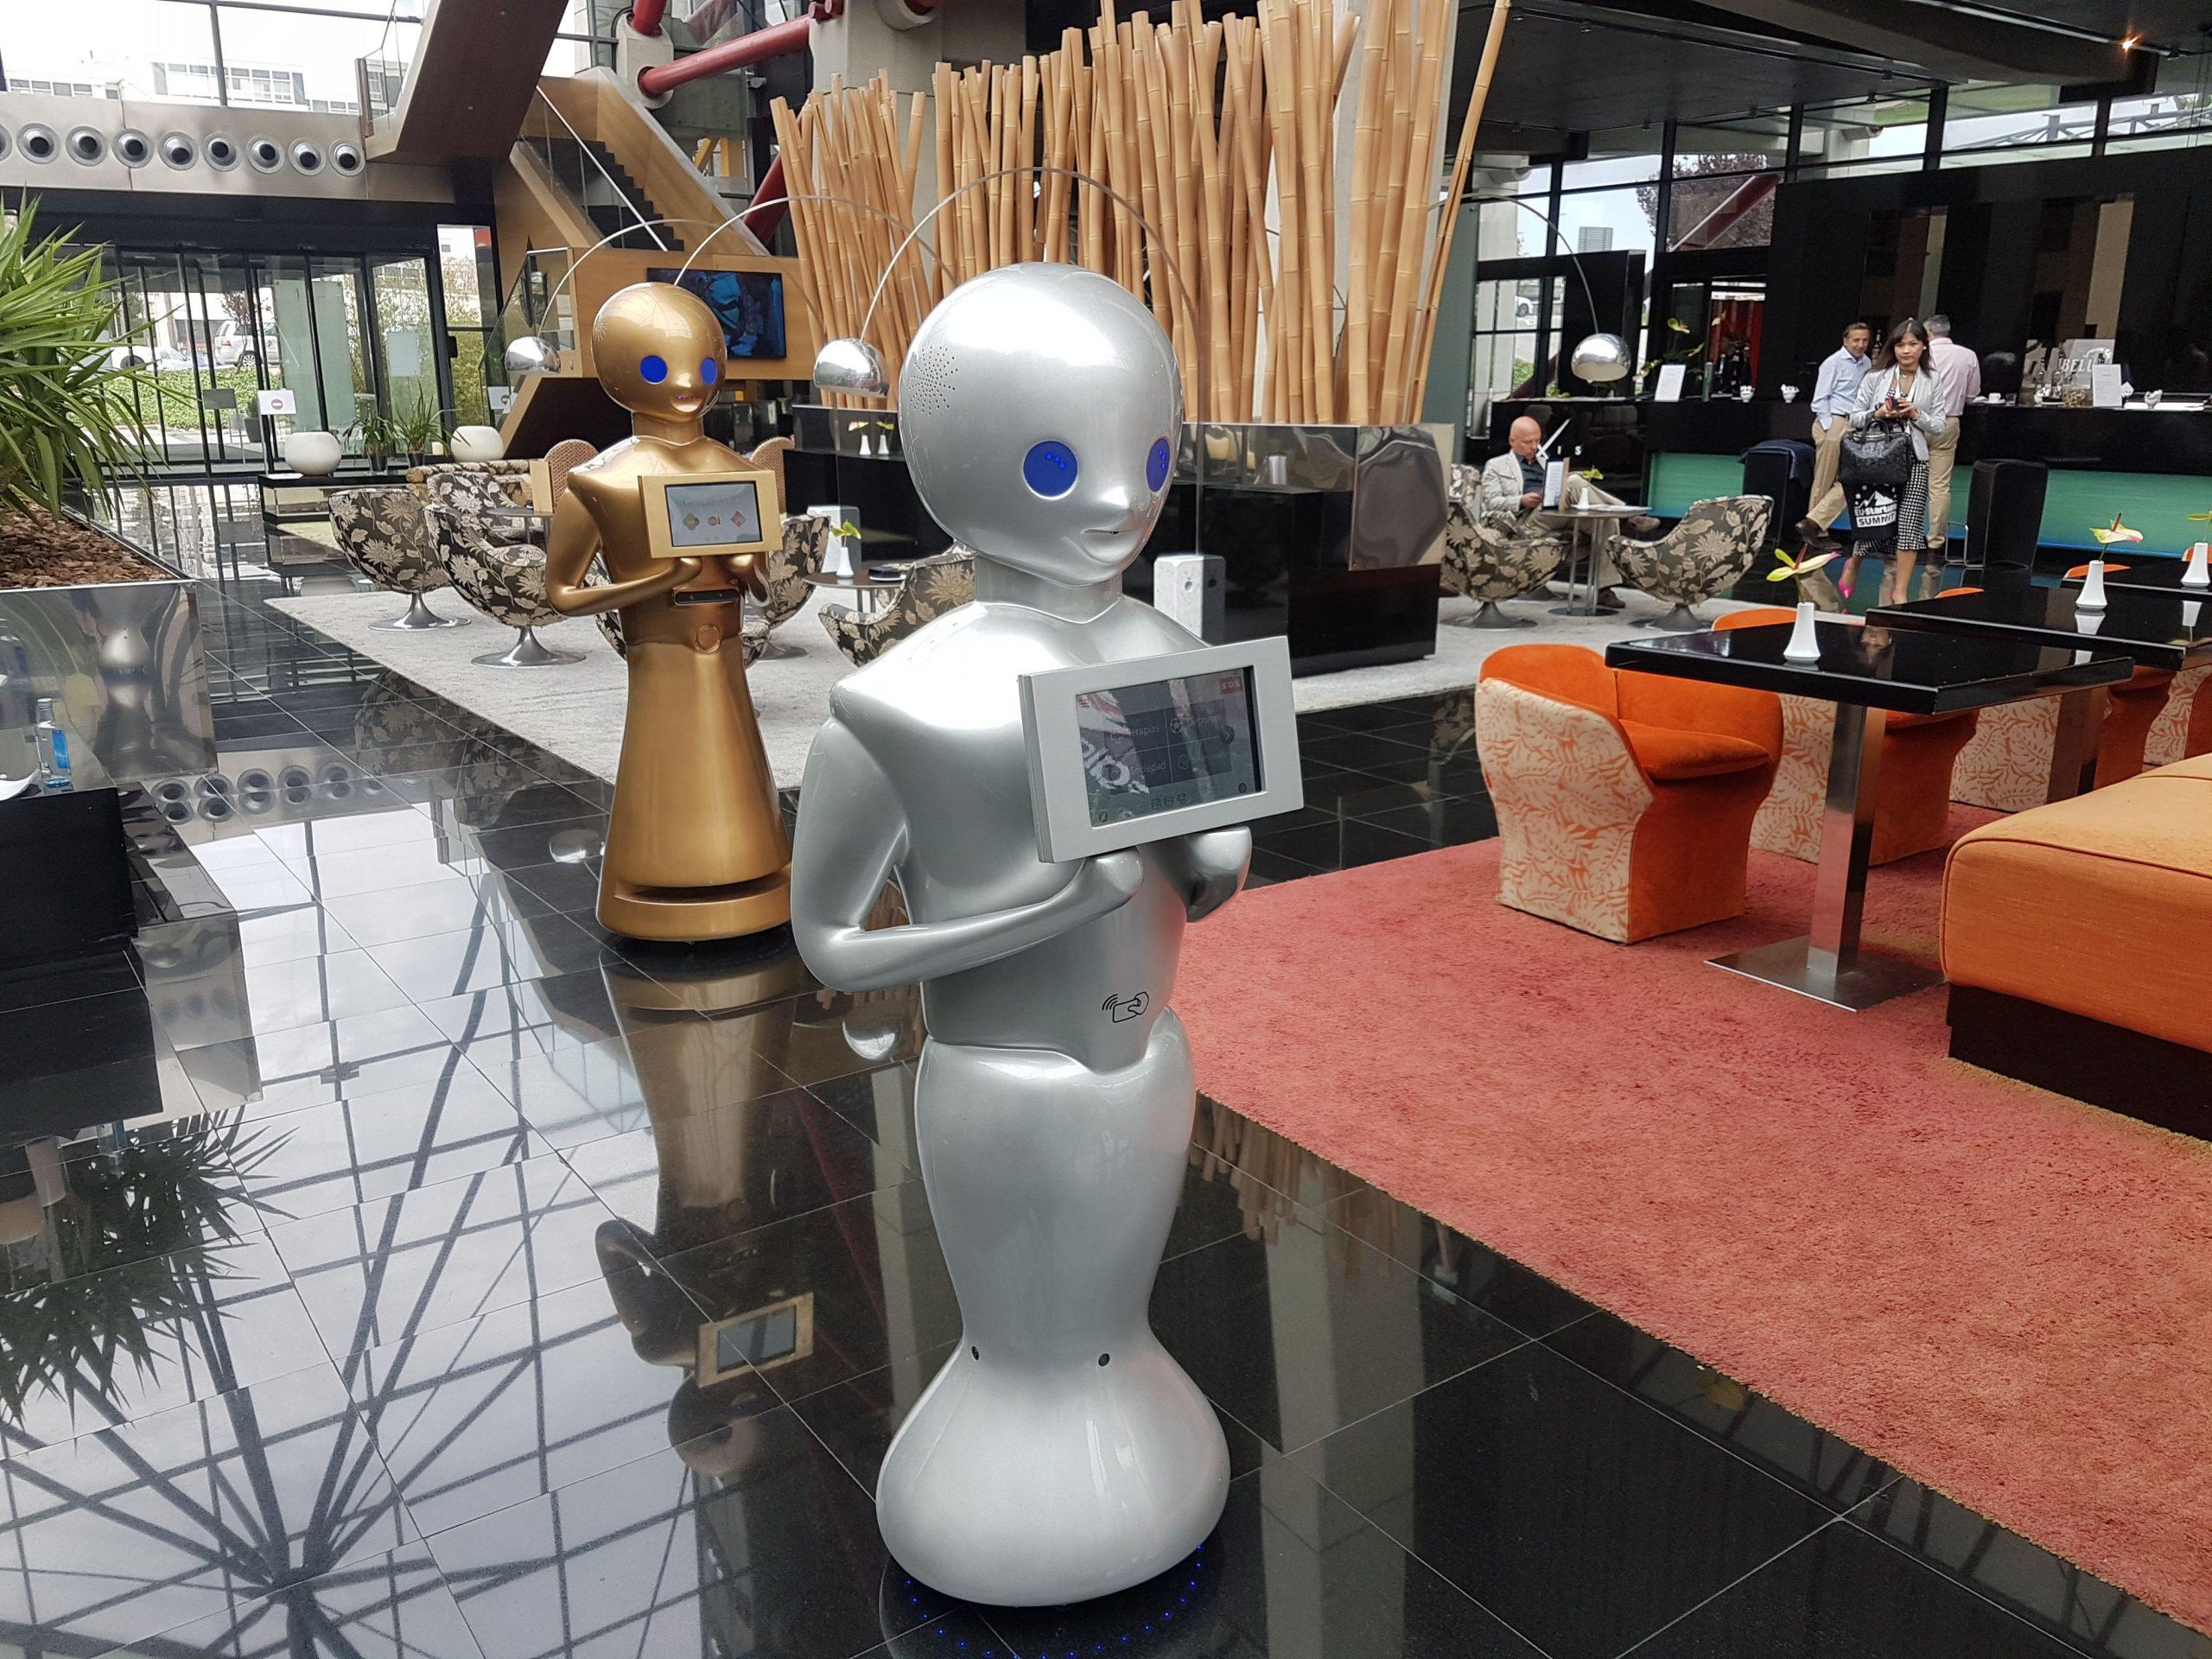 implantación de robótica en procesos operativos de los hoteles